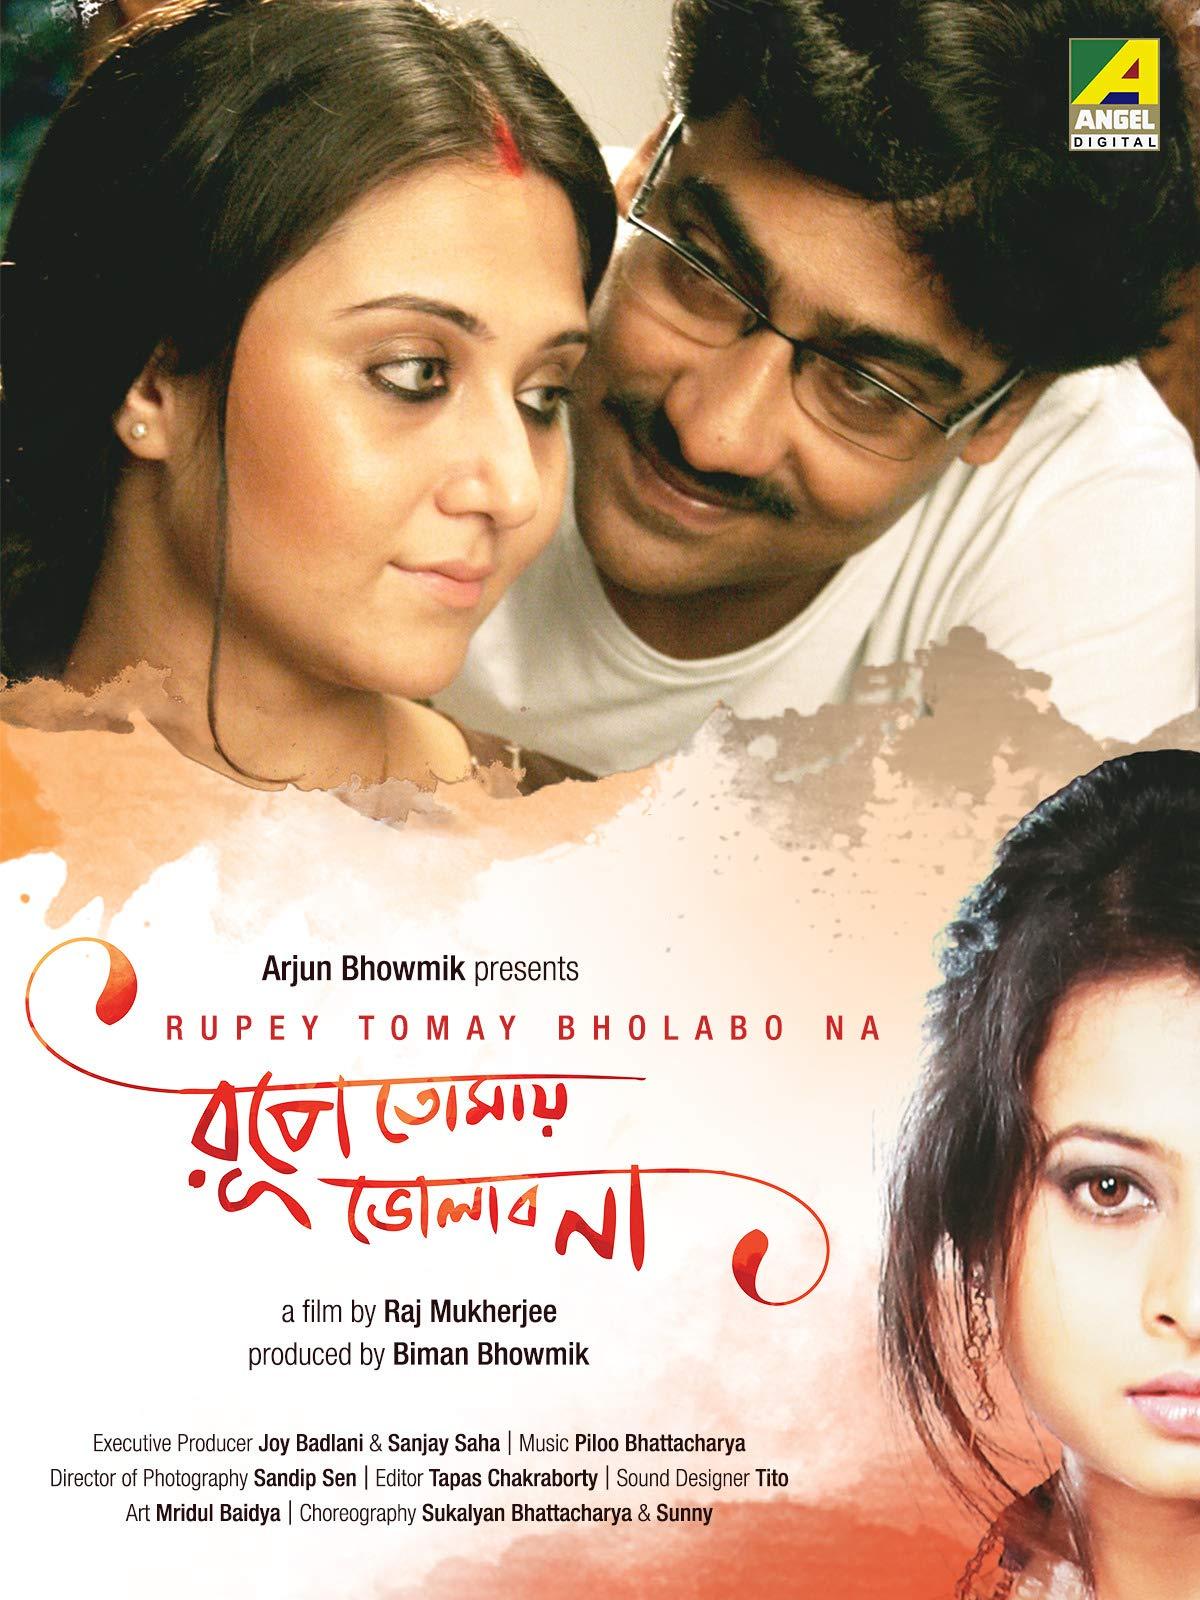 Rupey Tomay Bholabo Na 2021 Bengali Full Movie 720p Amzn HDRip ESubs 700MB x264 AAC